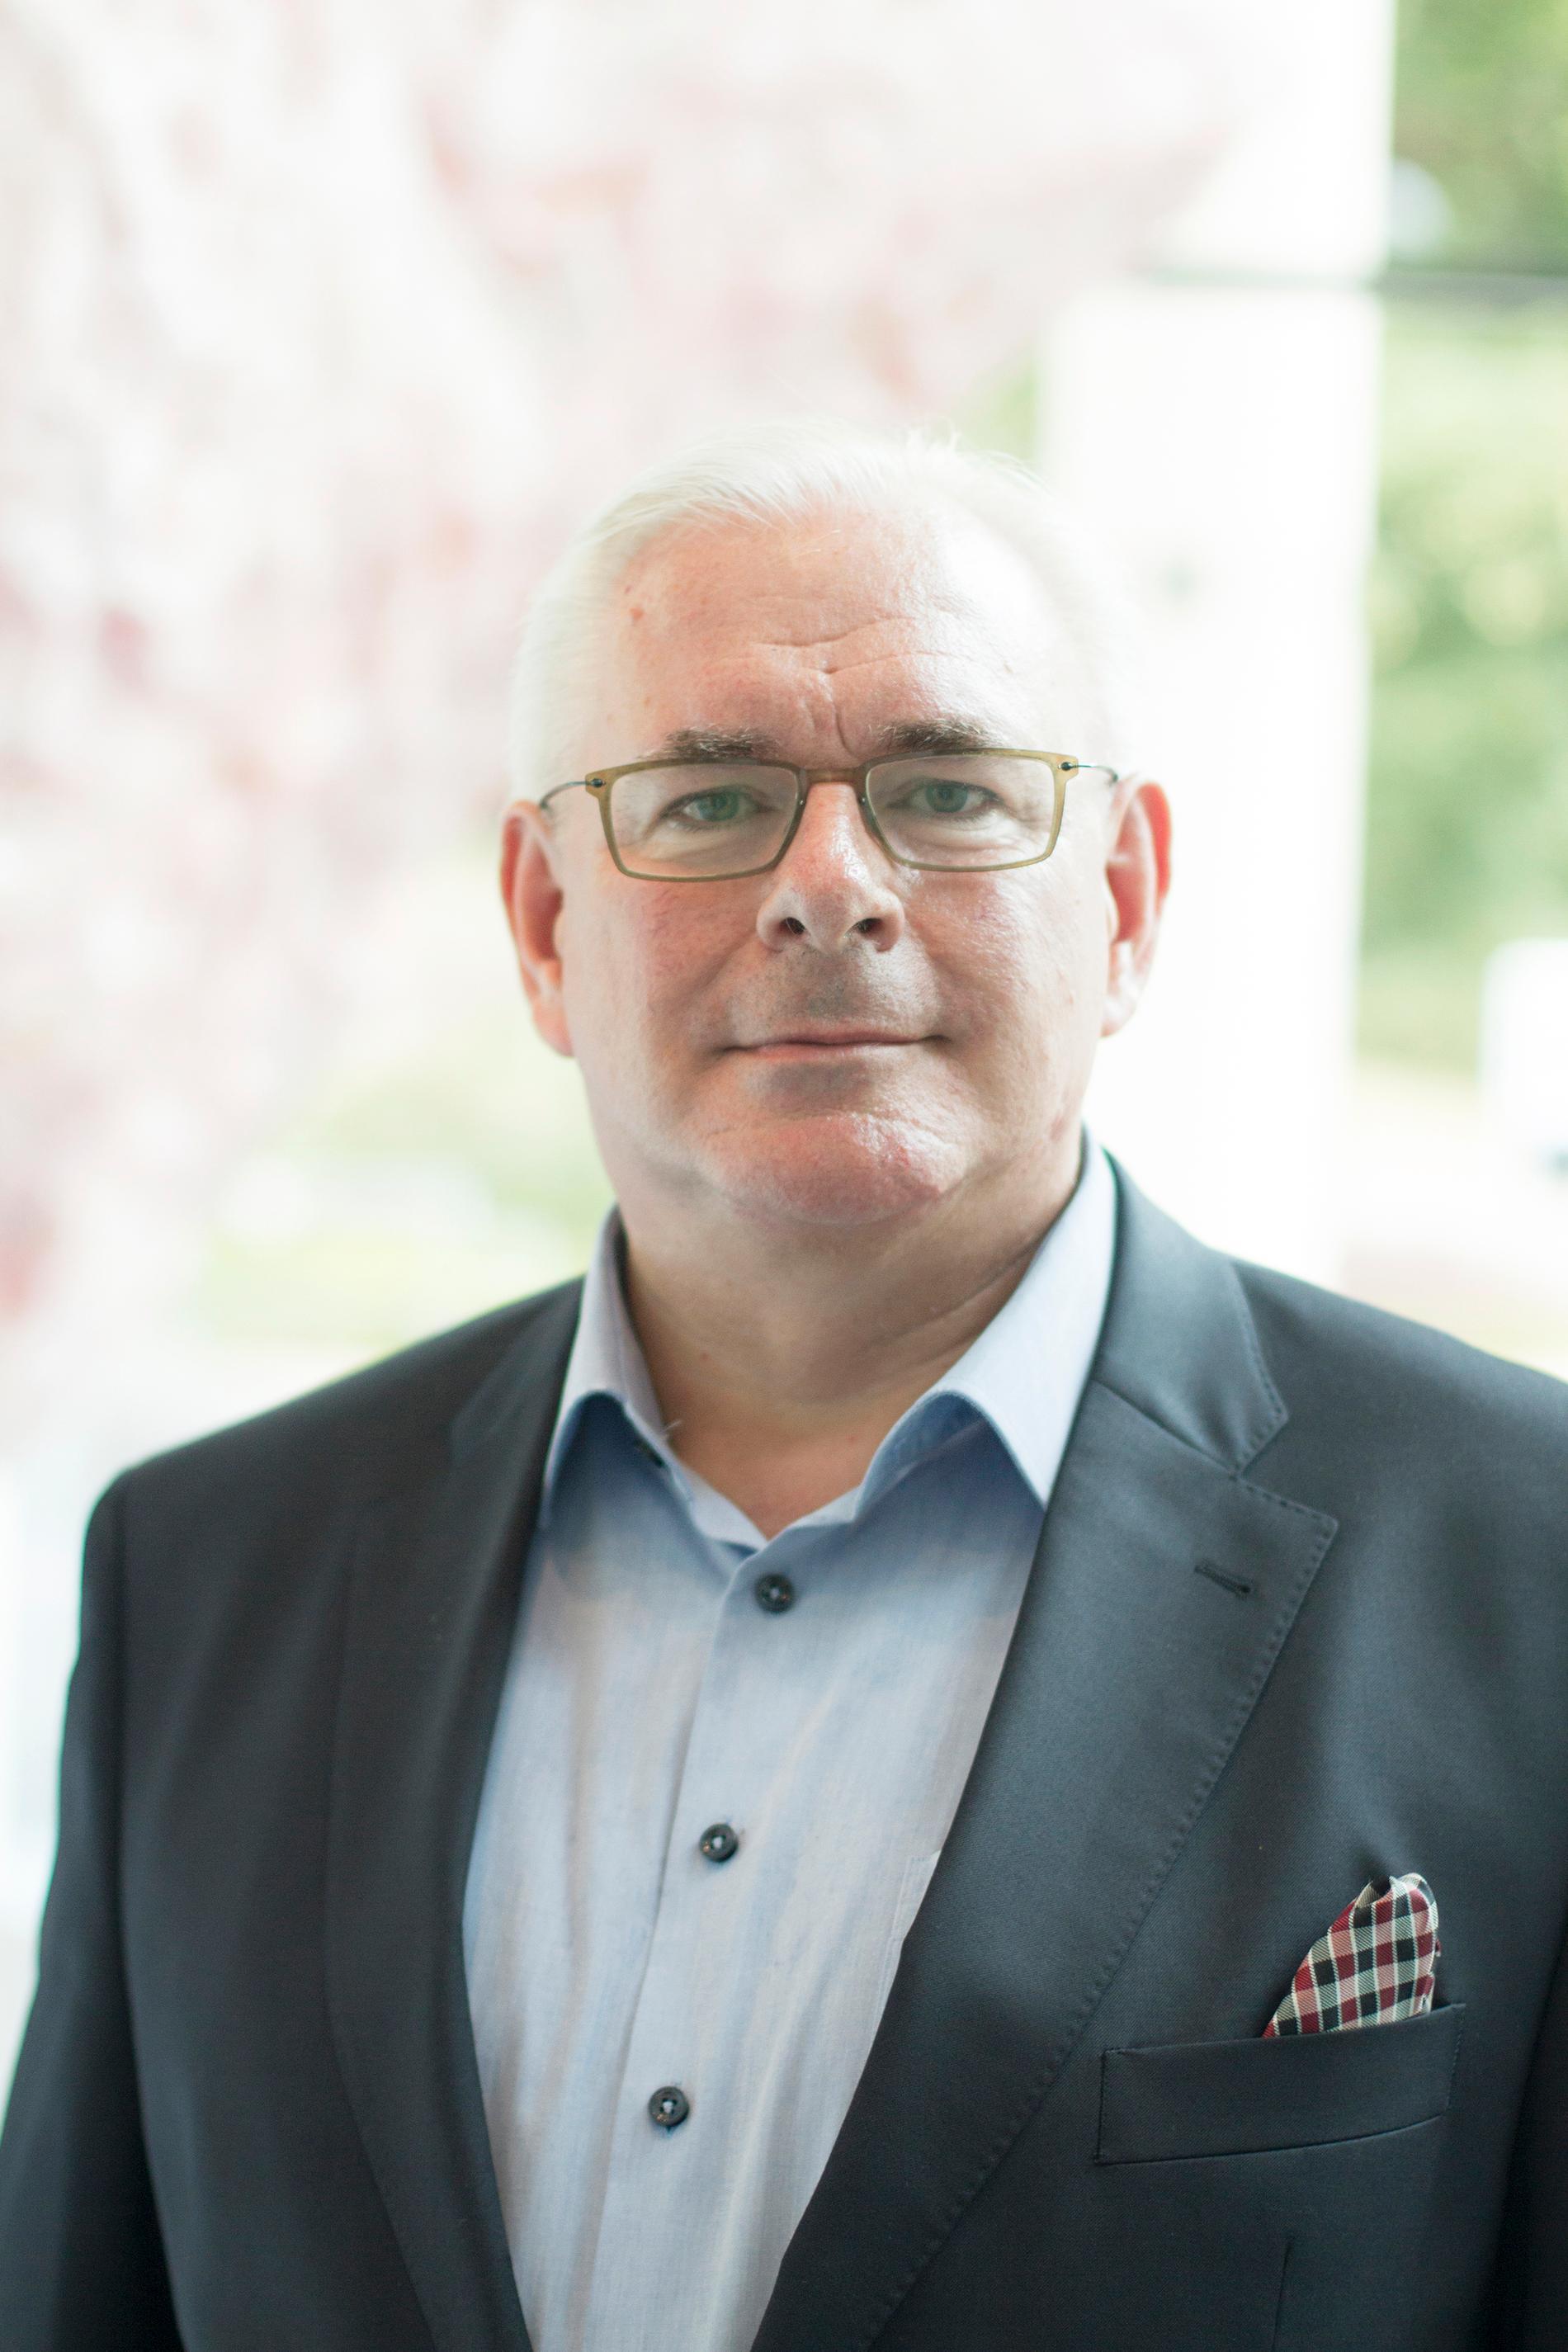 SST Myndighetens direktör Åke Göransson.